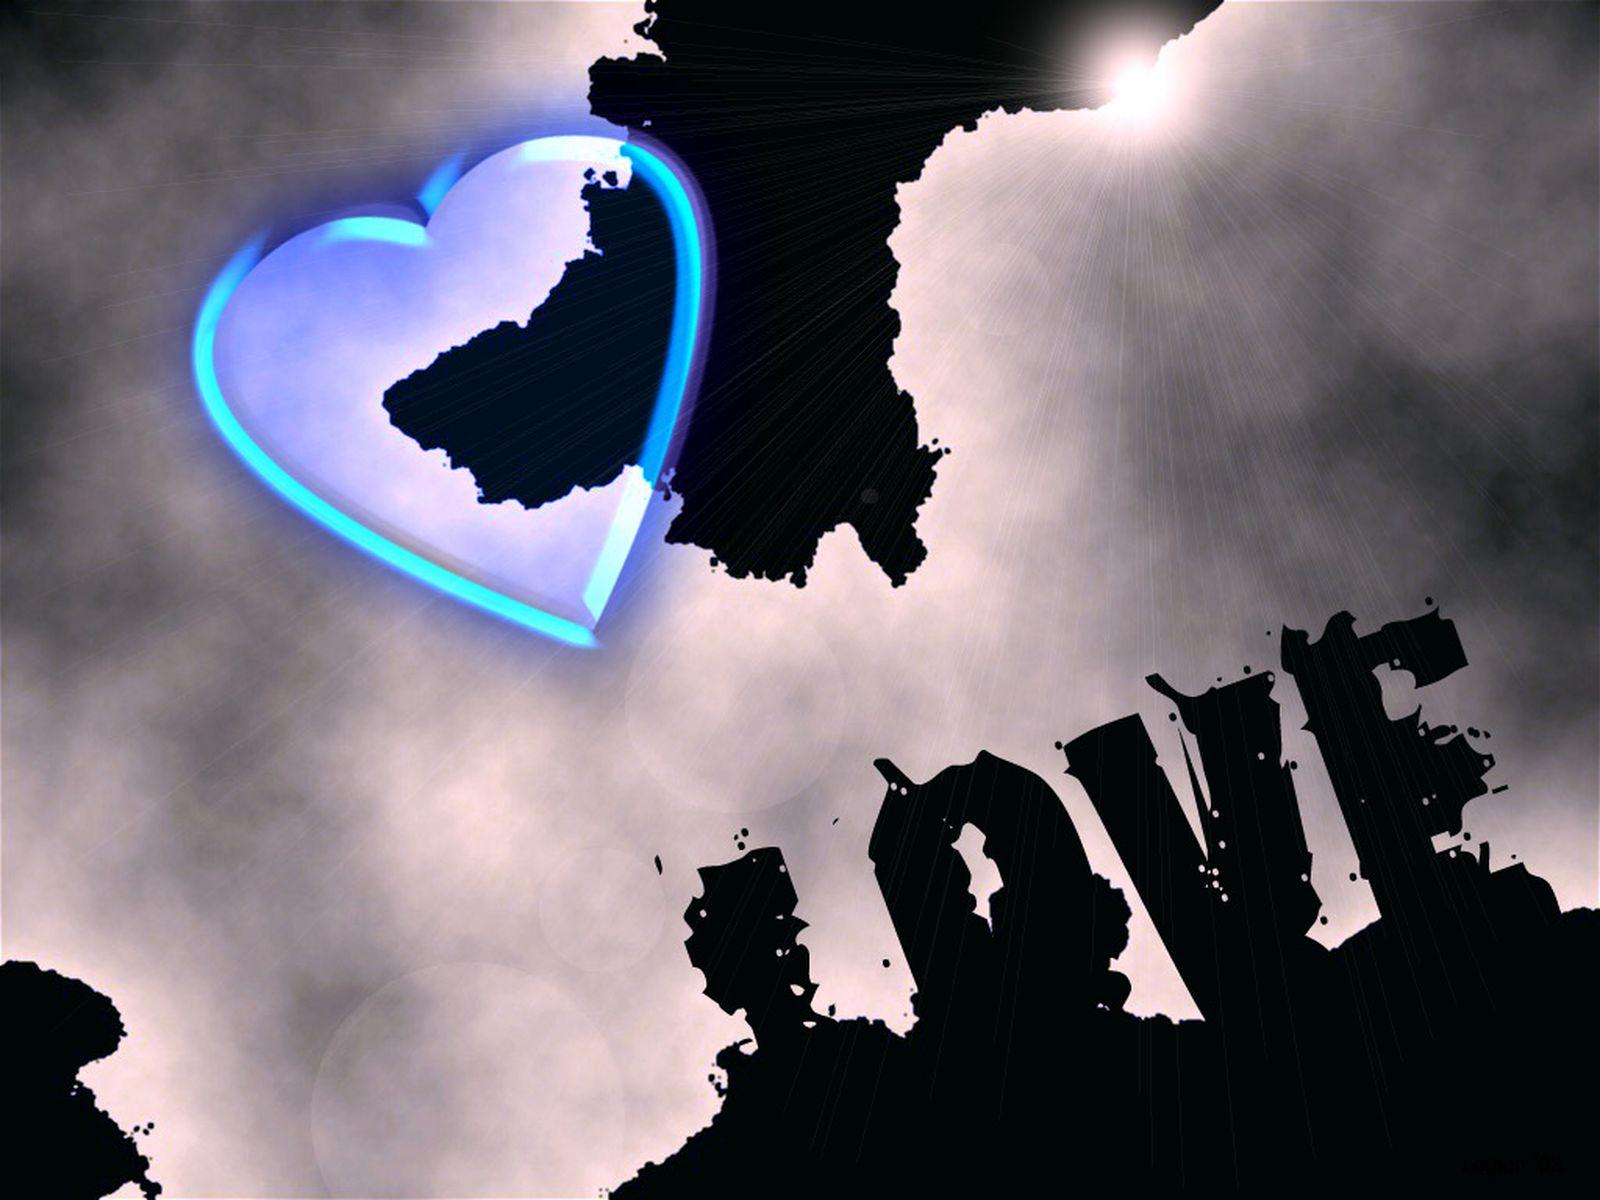 Beautiful love wallpaper - J love wallpaper download ...